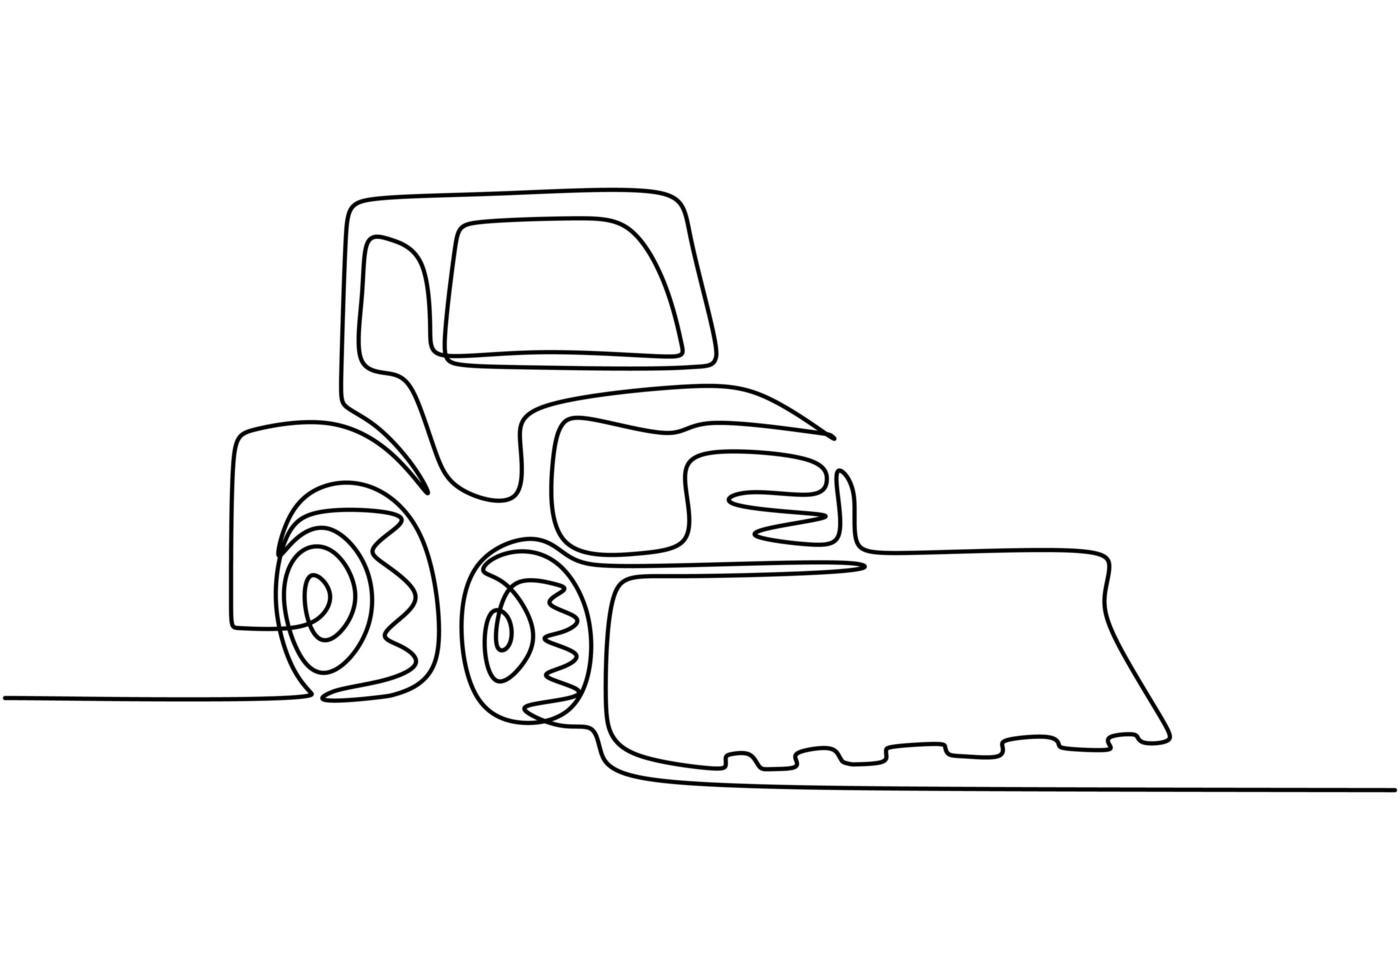 byggmaskinen är en traktorgrävmaskin. bulldozer byggmaskinen. vektor